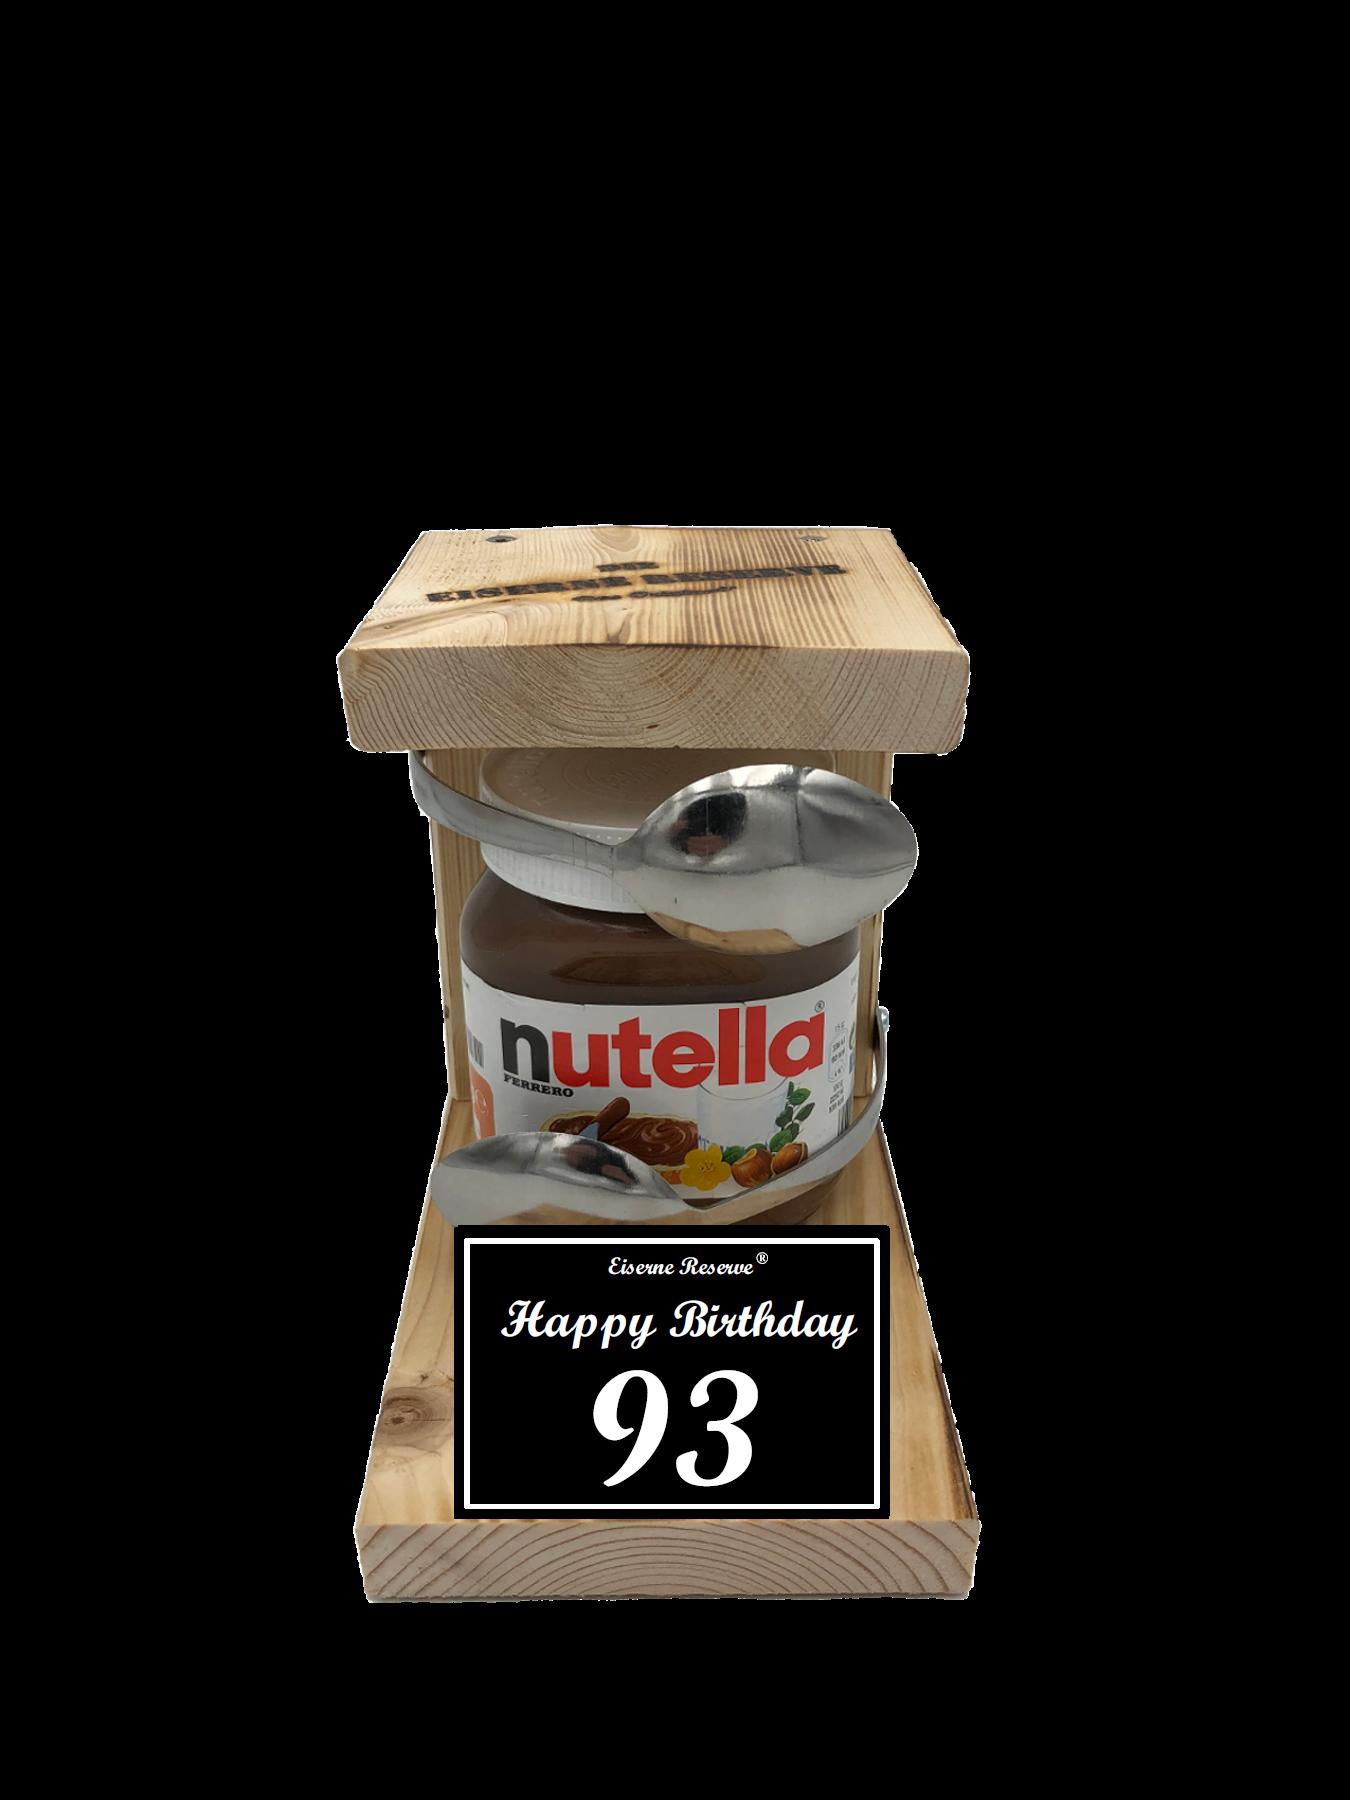 93 Happy Birthday Löffel Nutella Geschenk - Die Nutella Geschenkidee